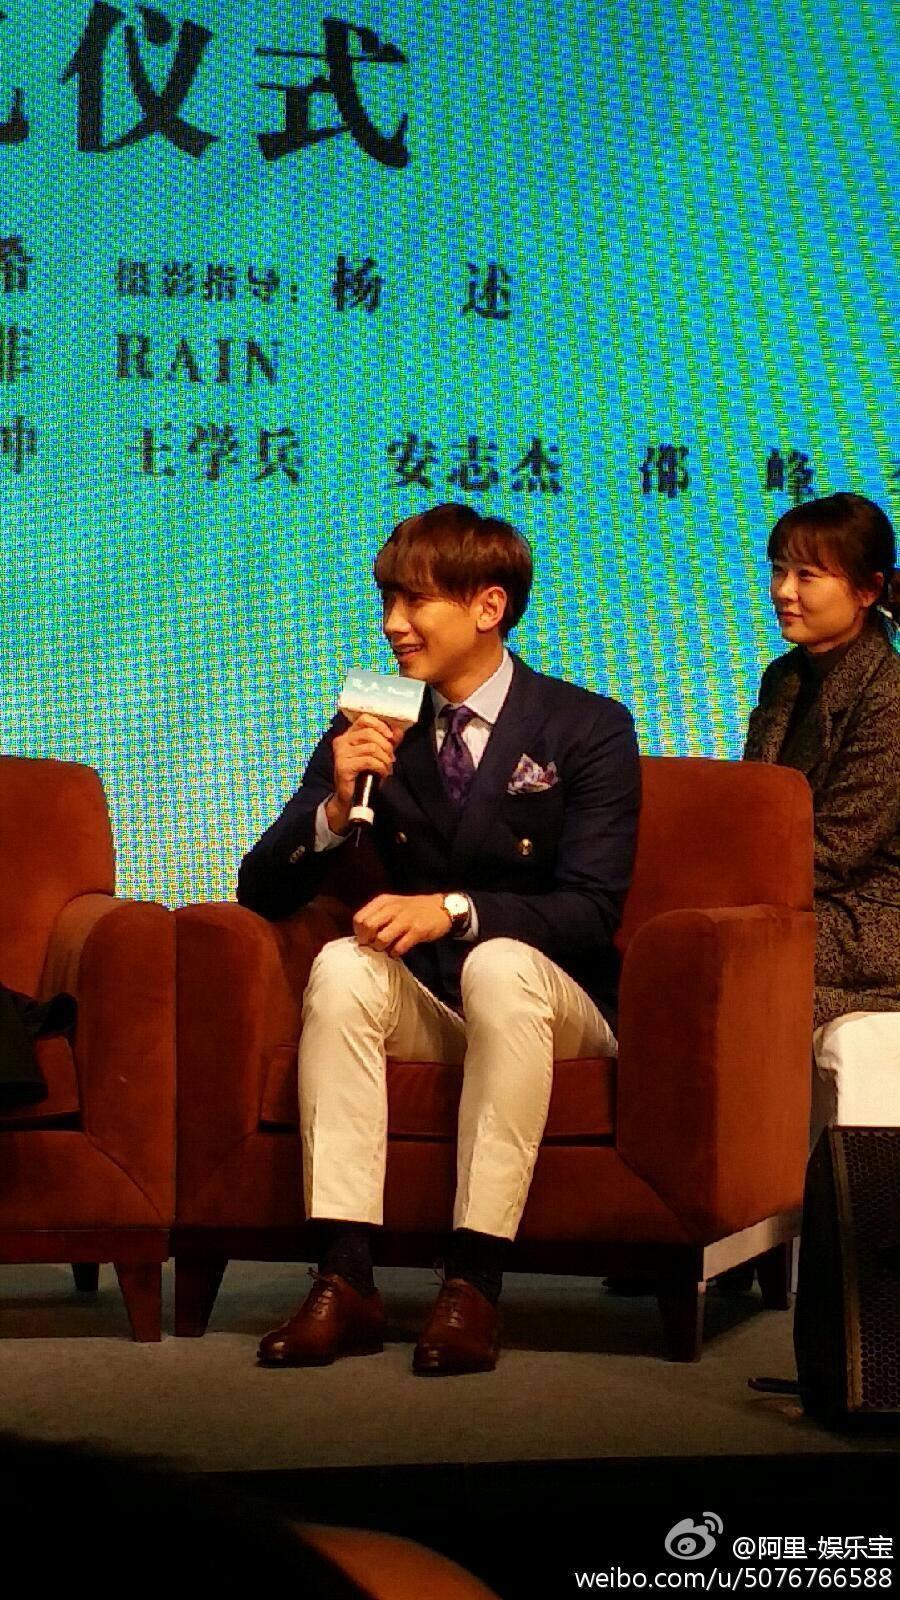 Rain 中国で「露水红颜」映画の記者会見_c0047605_18162638.jpg